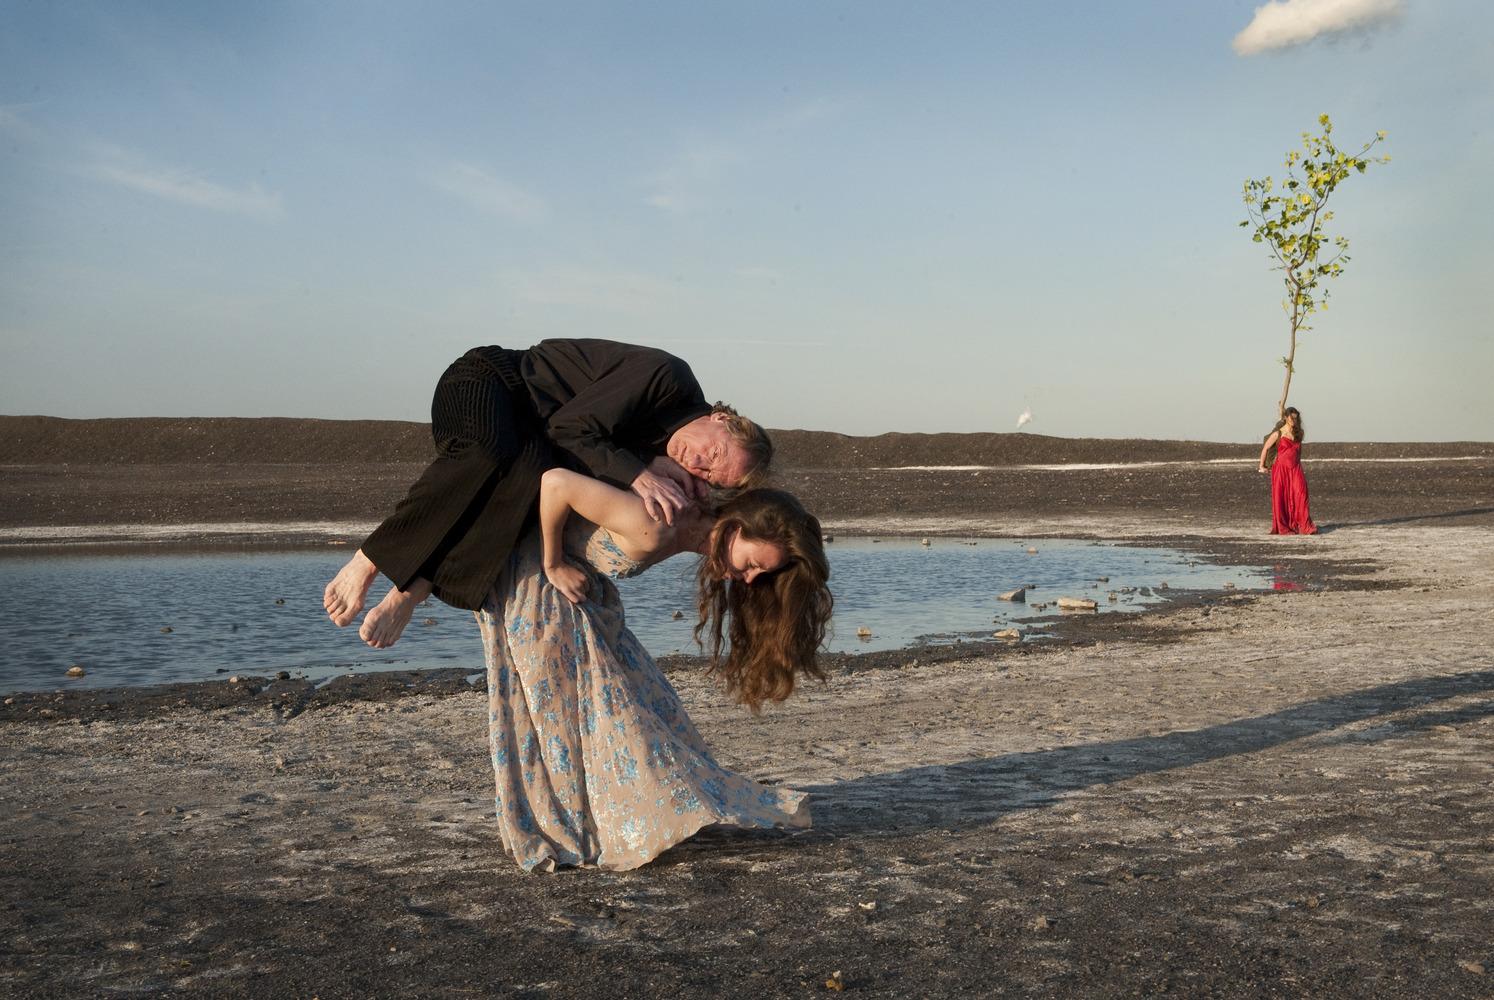 кадры из фильма Пина: Танец страсти 3D